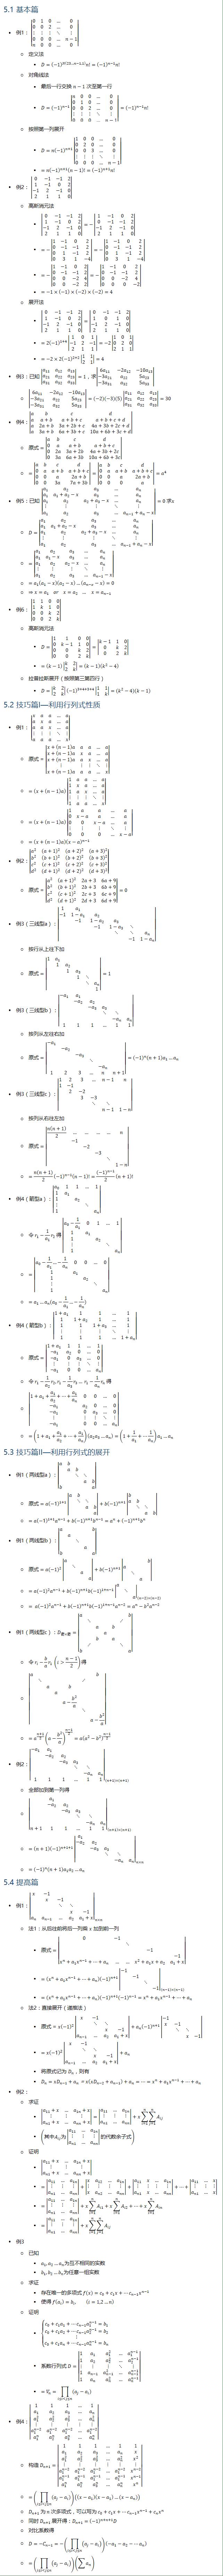 5.1 基本篇 • 例1: |■8(0&1&0&…&0@0&0&2&…&0@⋮&⋮&⋮&⋱&⋮@0&0&0&…&n−1@n&0&0&…&0)| ○ 定义法 § D=(−1)^N(23…n−1,1) n!=(−1)^(n−1) n! ○ 对角线法 § 最后一行交换 n−1 次至第一行 § D=(−1)^(n−1) |■8(n&0&0&…&0@0&1&0&…&0@0&0&2&…&0@⋮&⋮&⋮&⋱&⋮@0&0&0&…&n−1)|=(−1)^(n−1) n! ○ 按照第一列展开 § D=n(−1)^(n+1) |■8(1&0&0&…&0@0&2&0&…&0@0&0&3&…&0@⋮&⋮&⋮&⋱&⋮@0&0&0&…&n−1)| § =n(−1)^(n+1) (n−1)!=(−1)^(n+1) n! • 例2: |■8(0&−1&−1&2@1&−1&0&2@−1&2&−1&0@2&1&1&0)| ○ 高斯消元法 § |■8(0&−1&−1&2@1&−1&0&2@−1&2&−1&0@2&1&1&0)|=−|■8(1&−1&0&2@0&−1&−1&2@−1&2&−1&0@2&1&1&0)| § =−|■8(1&−1&0&2@0&−1&−1&2@0&1&−1&2@0&3&1&−4)|=−|■8(1&−1&0&2@0&−1&−1&2@0&1&−1&2@0&3&1&−4)| § =−|■8(1&−1&0&2@0&−1&−1&2@0&0&−2&4@0&0&−2&2)|=−|■8(1&−1&0&2@0&−1&−1&2@0&0&−2&4@0&0&0&−2)| § =−1×(−1)×(−2)×(−2)=4 ○ 展开法 § |■8(0&−1&−1&2@1&−1&0&2@−1&2&−1&0@2&1&1&0)|=|■8(0&−1&−1&2@1&0&1&0@−1&2&−1&0@2&1&1&0)| § =2(−1)^(1+4) |■8(1&0&1@−1&2&−1@2&1&1)|=−2|■8(1&0&1@0&2&0@2&1&1)| § =−2×2(−1)^(2+2) |■8(1&1@2&1)|=4 • 例3:已知 |■8(a_11&a_12&a_13@a_21&a_22&a_23@a_31&a_32&a_33 )|=1,求|■8(6a_11&−2a_12&−10a_13@−3a_21&a_22&5a_23@−3a_31&a_32&5a_33 )| ○ |■8(6a_11&−2a_12&−10a_13@−3a_21&a_22&5a_23@−3a_31&a_32&5a_33 )|=(−2)(−3)(5)|■8(a_11&a_12&a_13@a_21&a_22&a_23@a_31&a_32&a_33 )|=30 • 例4:|■8(a&b&c&d@a&a+b&a+b+c&a+b+c+d@a&2a+b&3a+2b+c&4a+3b+2c+d@a&3a+b&6a+3b+c&10a+6b+3c+d)| ○ 原式=|■8(a&b&c&d@0&a&a+b&a+b+c@0&2a&3a+2b&4a+3b+2c@0&3a&6a+3b&10a+6b+3c)| ○ =|■8(a&b&c&d@0&a&a+b&a+b+c@0&0&a&2a+b@0&0&3a&7a+3b)|=|■8(a&b&c&d@0&a&a+b&a+b+c@0&0&a&2a+b@0&0&0&a)|=a^4 • 例5:已知 |■8(a_1&a_2&a_3&…&a_n@a_1&a_1+a_2−x&a_3&…&a_n@a_1&a_2&a_2+a_3−x&…&a_n@⋮&⋮&⋮&⋱&⋮@a_1&a_2&a_3&…&a_(n−1)+a_n−x)|=0 ○ D=|■8(a_1&a_2&a_3&…&a_n@a_1&a_1+a_2−x&a_3&…&a_n@a_1&a_2&a_2+a_3−x&…&a_n@⋮&⋮&⋮&⋱&⋮@a_1&a_2&a_3&…&a_(n−1)+a_n−x)| ○ =|■8(a_1&a_2&a_3&…&a_n@a_1&a_1−x&a_3&…&a_n@a_1&a_2&a_2−x&…&a_n@⋮&⋮&⋮&⋱&⋮@a_1&a_2&a_3&…&a_(n−1)−x)| ○ =a_1 (a_1−x)(a_2−x)…(a_(n−x)−x)=0 ○ ⇒x=a_1 or x=a_2 … x=a_(n−1) • 例6: |■8(1&1&0&0@1&k&1&0@0&0&k&2@0&0&2&k)| ○ 高斯消元法 § D=|■8(1&1&0&0@0&k−1&1&0@0&0&k&2@0&0&2&k)|=|■8(k−1&1&0@0&k&2@0&2&k)| § =(k−1)|■8(k&2@2&k)|=(k−1)(k^2−4) ○ 拉普拉斯展开(按照第三第四行)